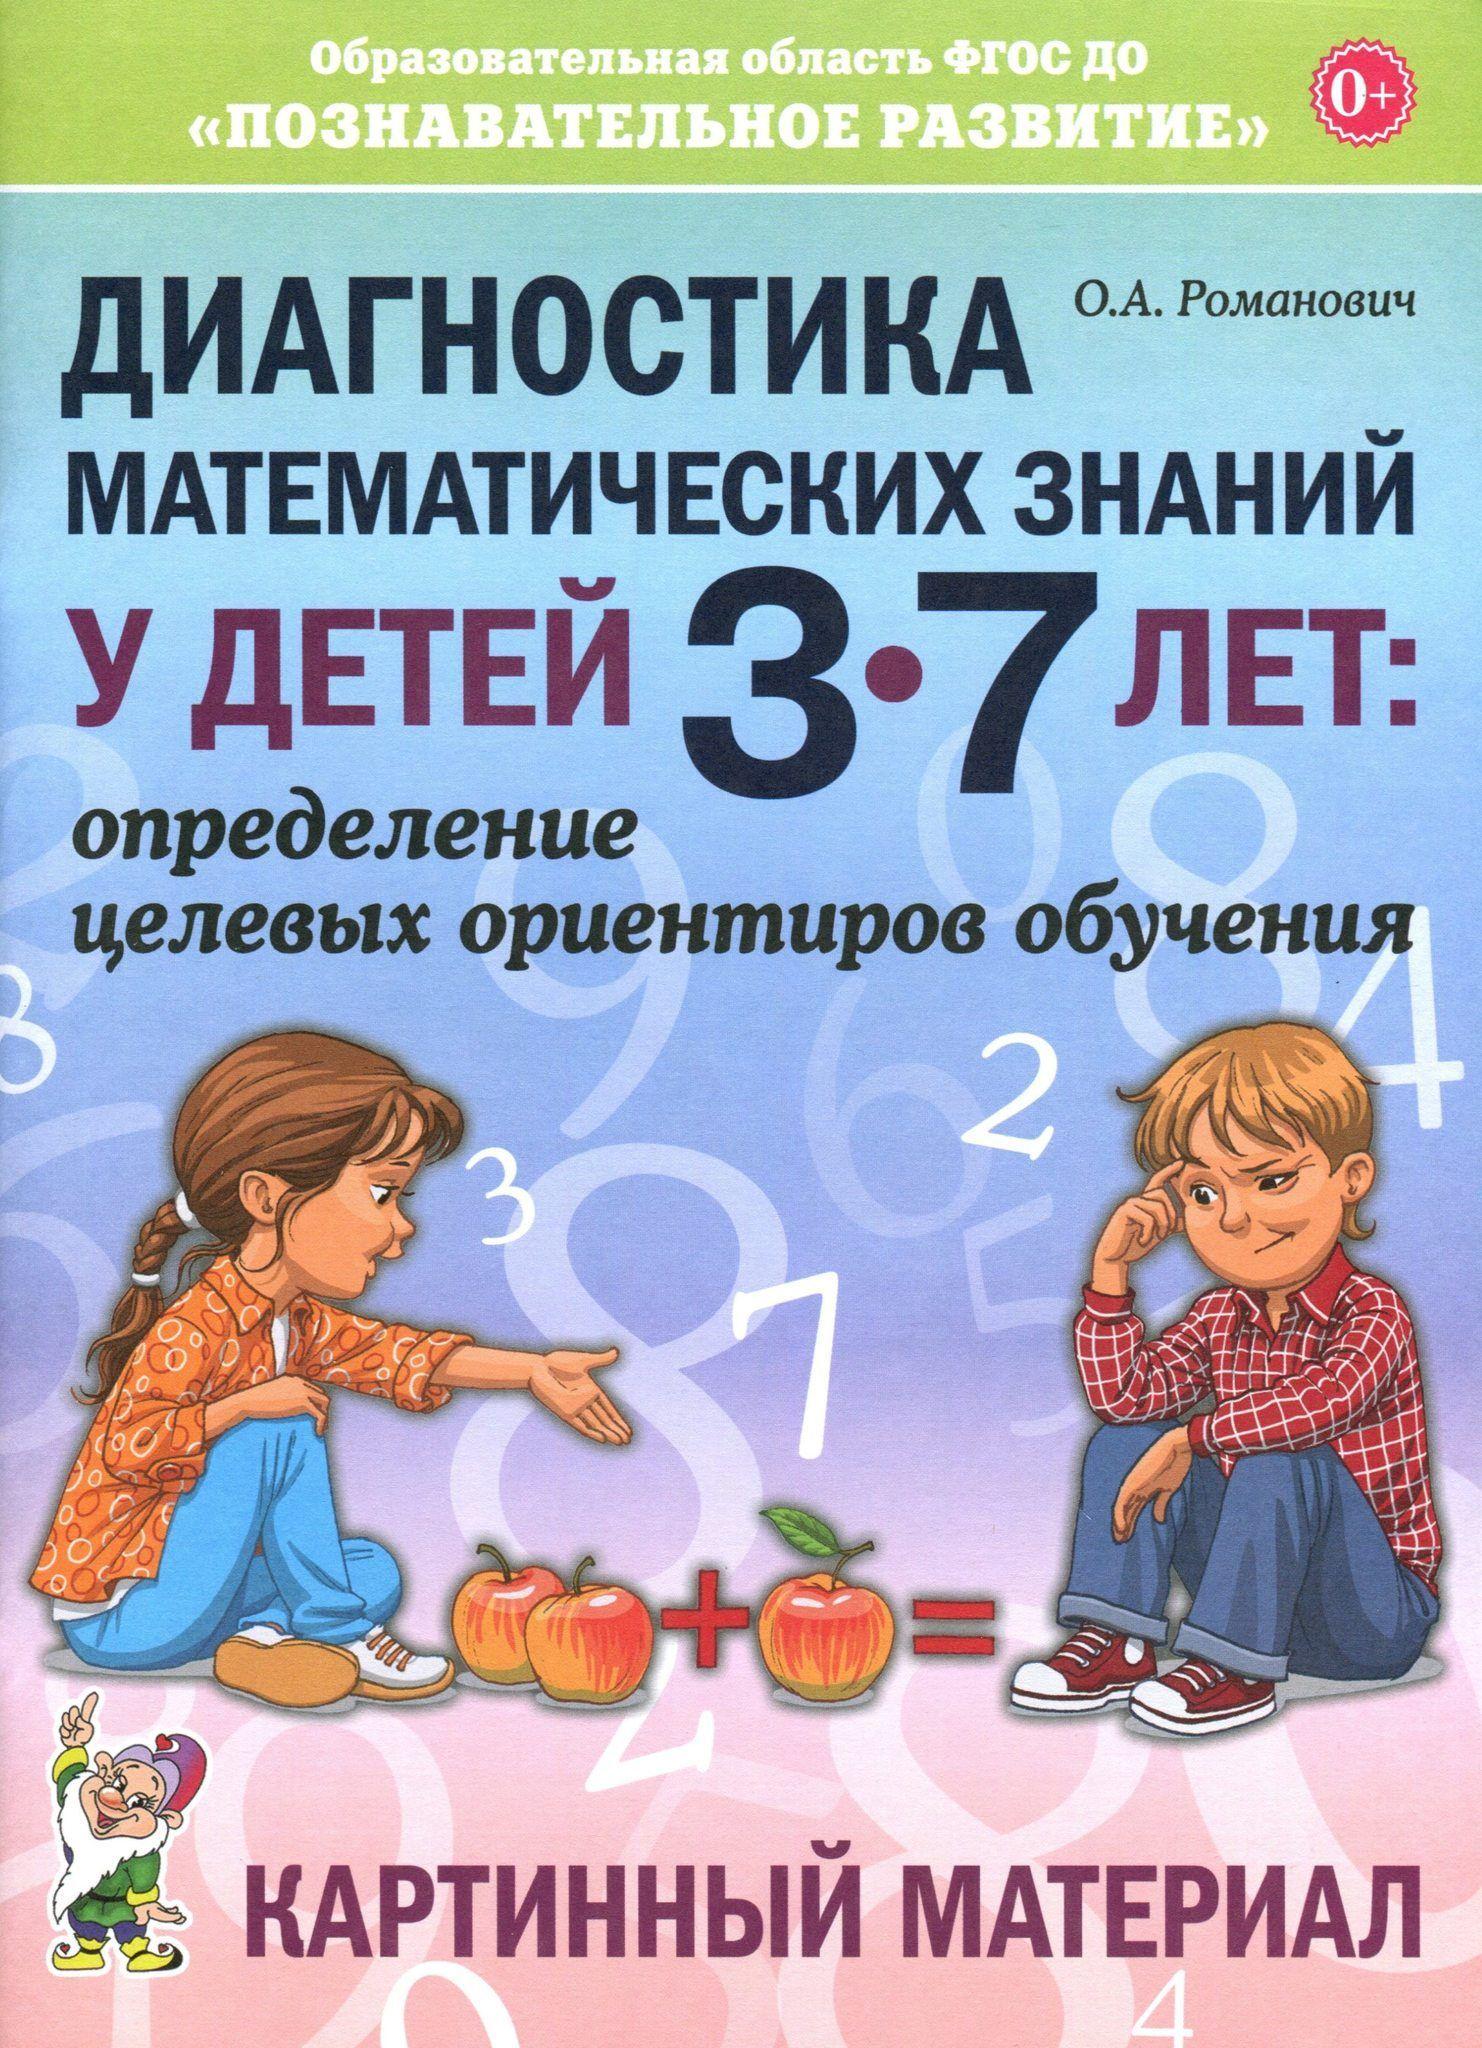 Диагностика математических знаний у детей 3-7 лет: Картинный материал